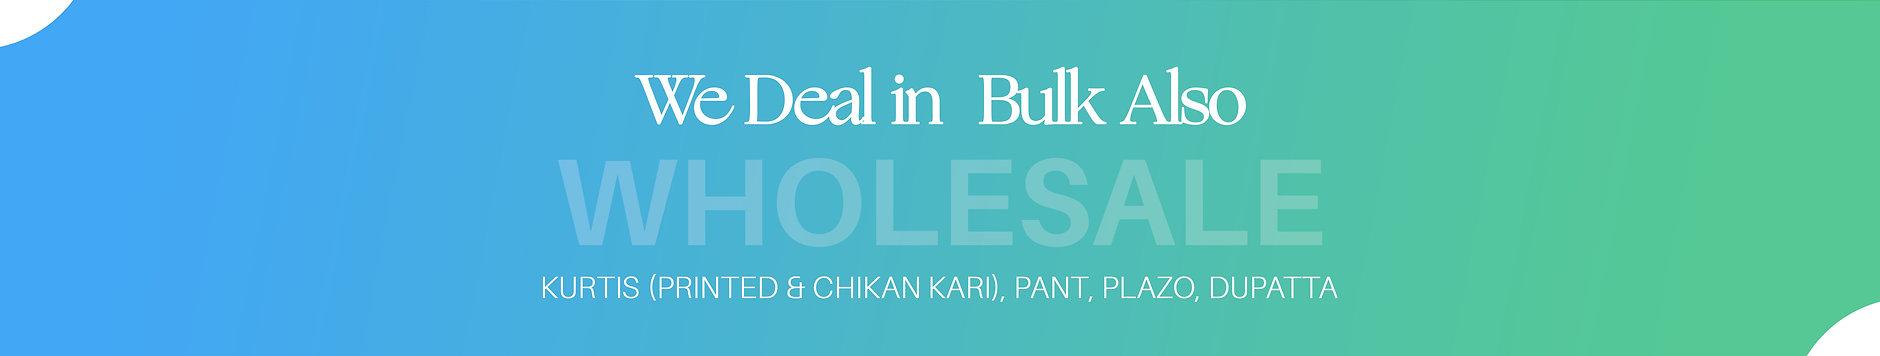 We deal in bulk.jpg